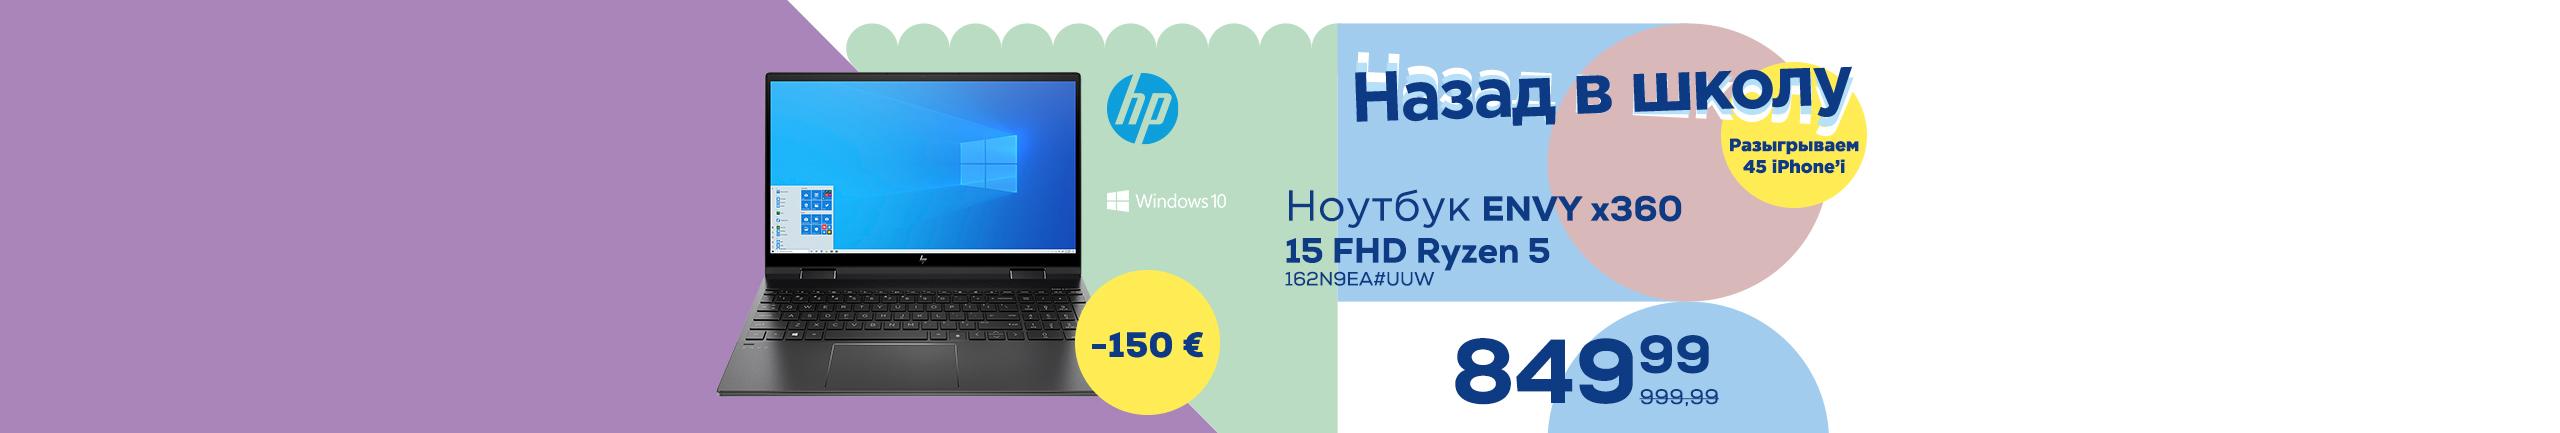 NPL Купите любой компьютер и выиграйте новый iPhone 12 mini, HP  Envy